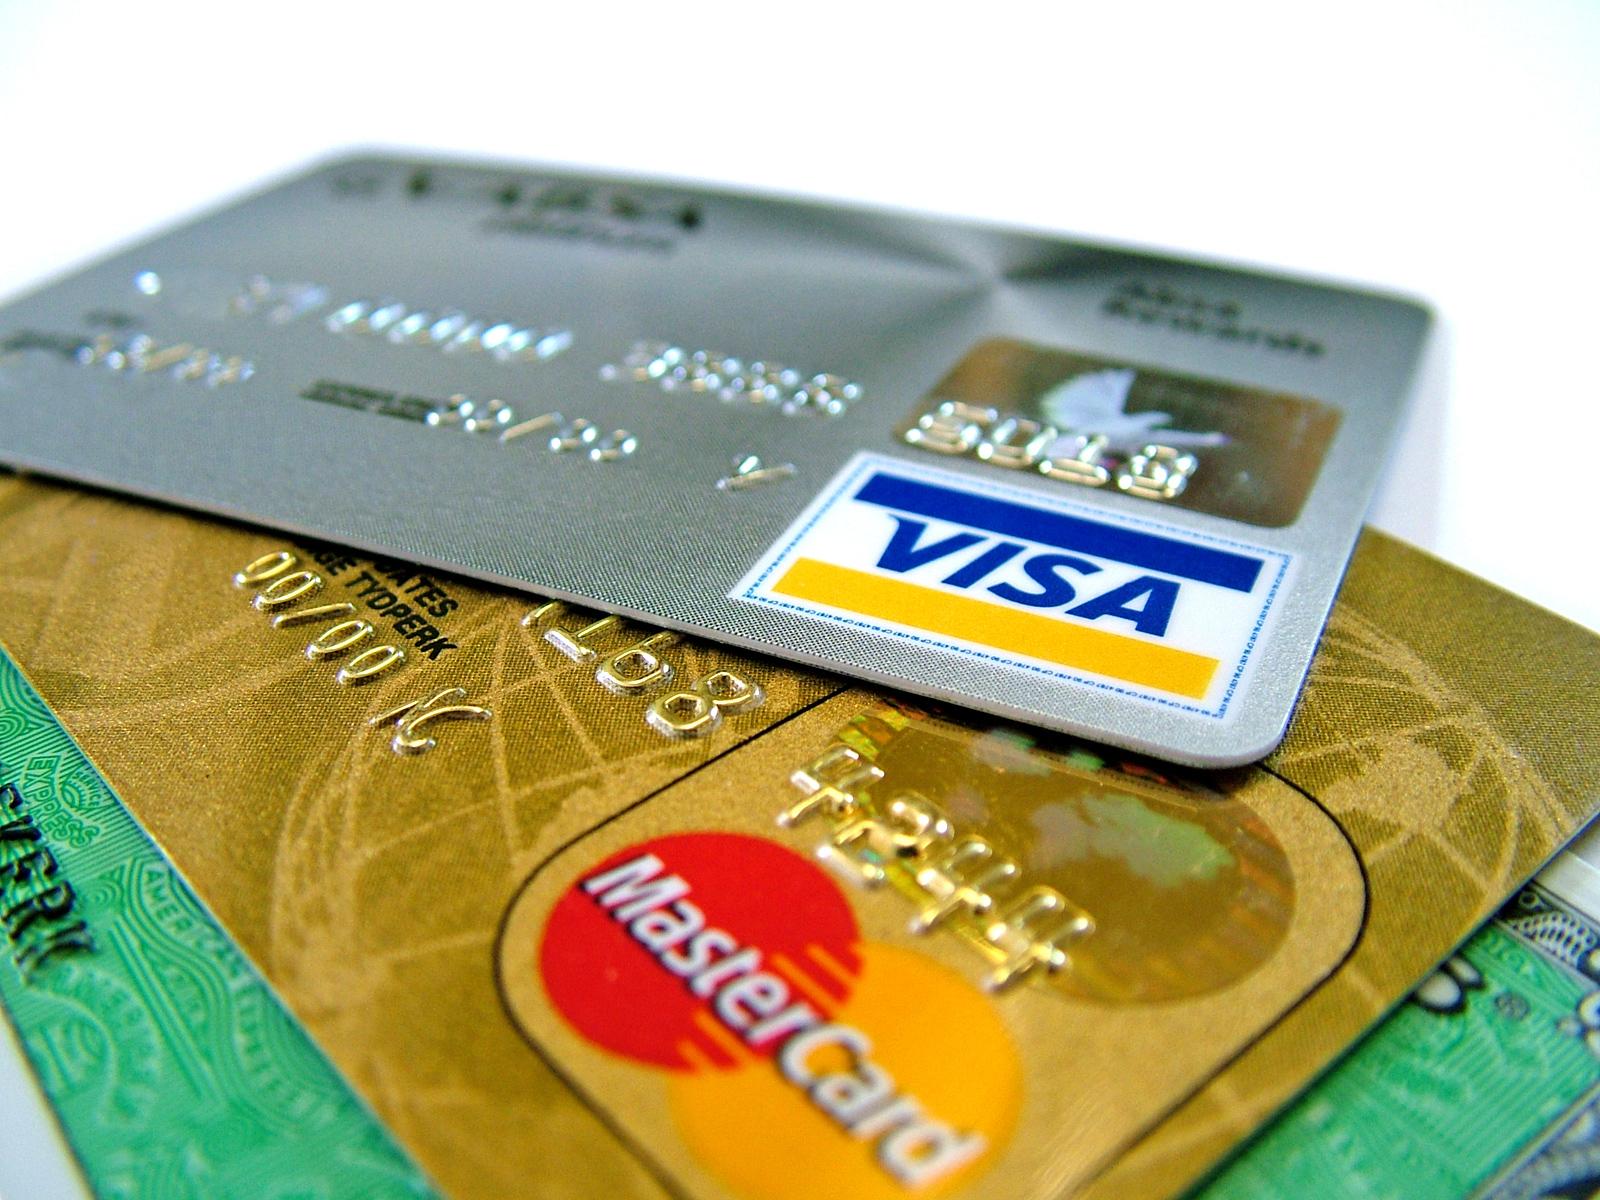 commissioni bancarie per l'uso di carta di credito e debito